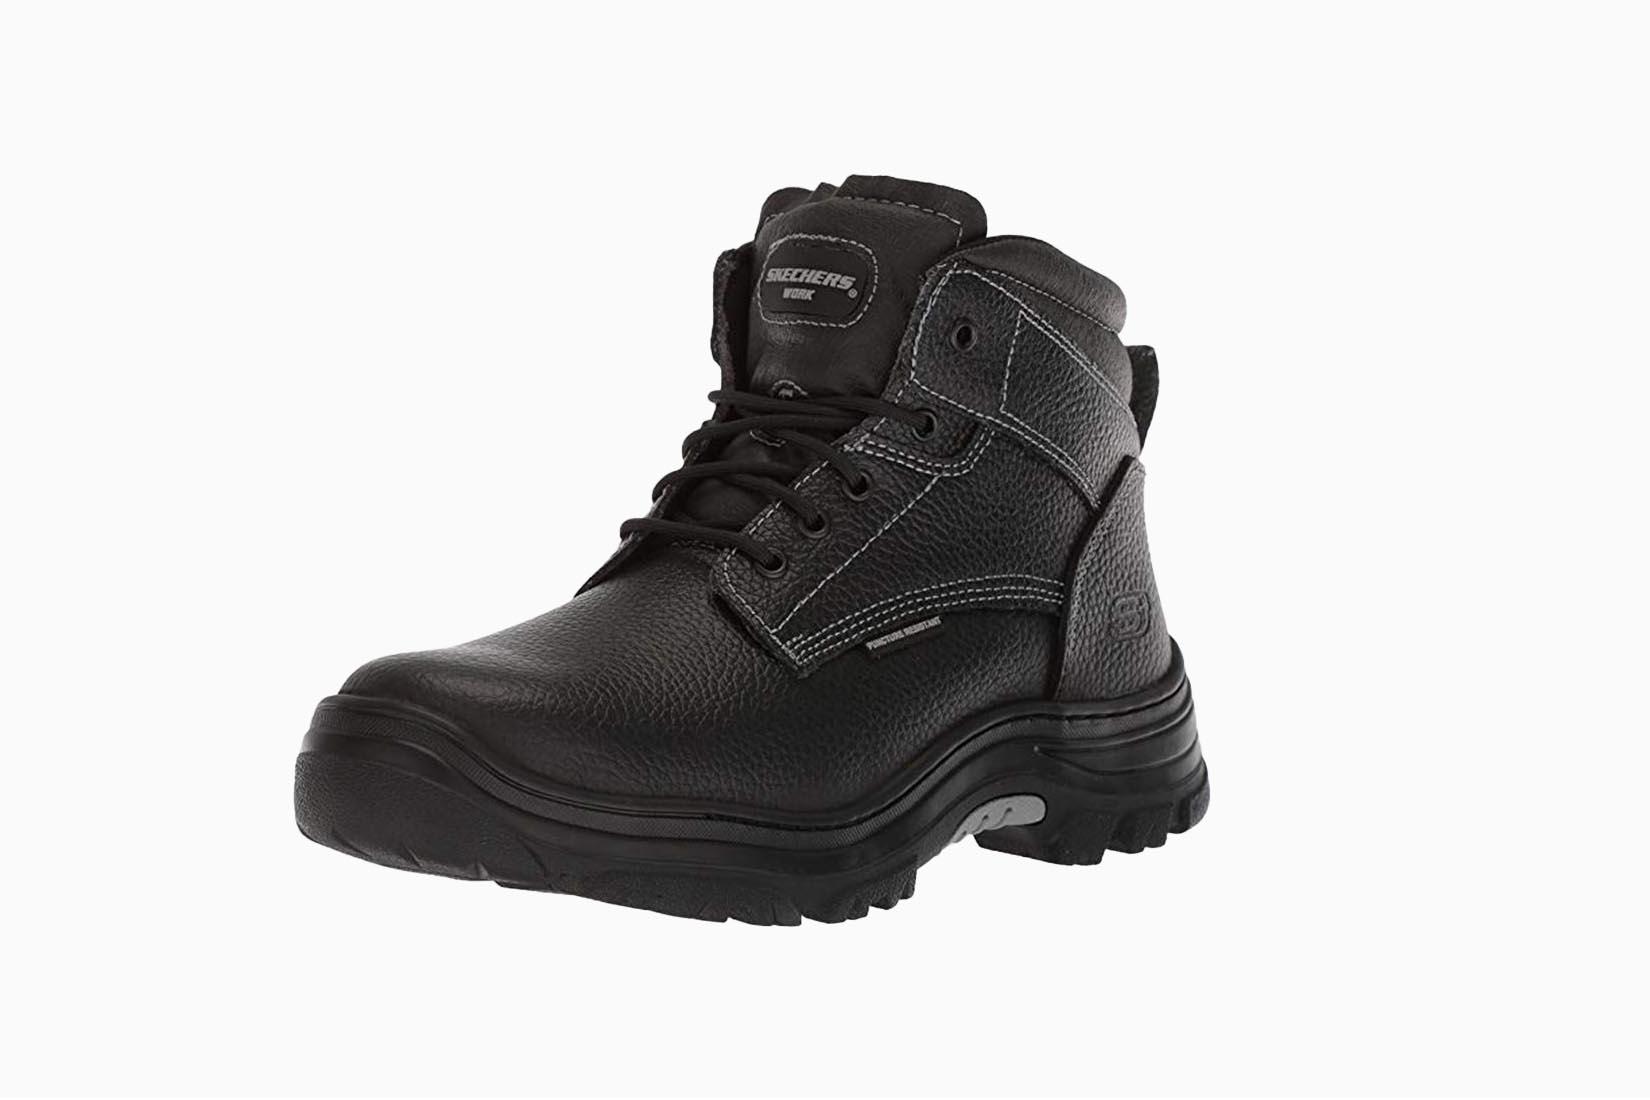 best boots men skechers work boot review luxe digital@2x